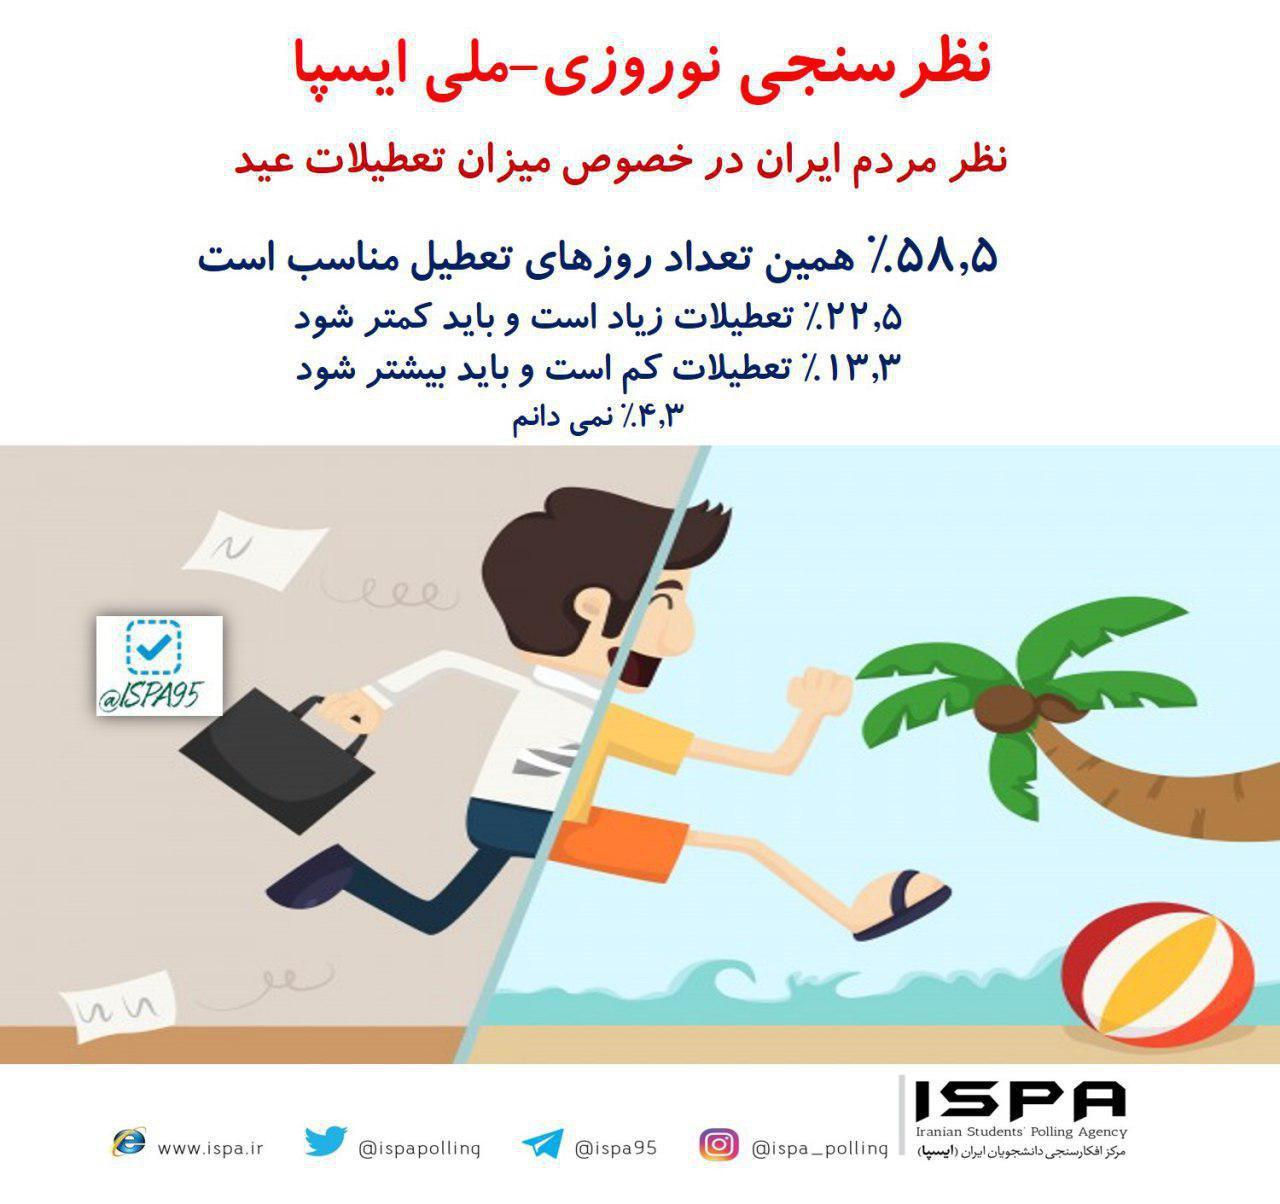 ۵۸.۵% مردم ایران با همین تعداد روزهای تعطیلات نوروز موافق هستند.